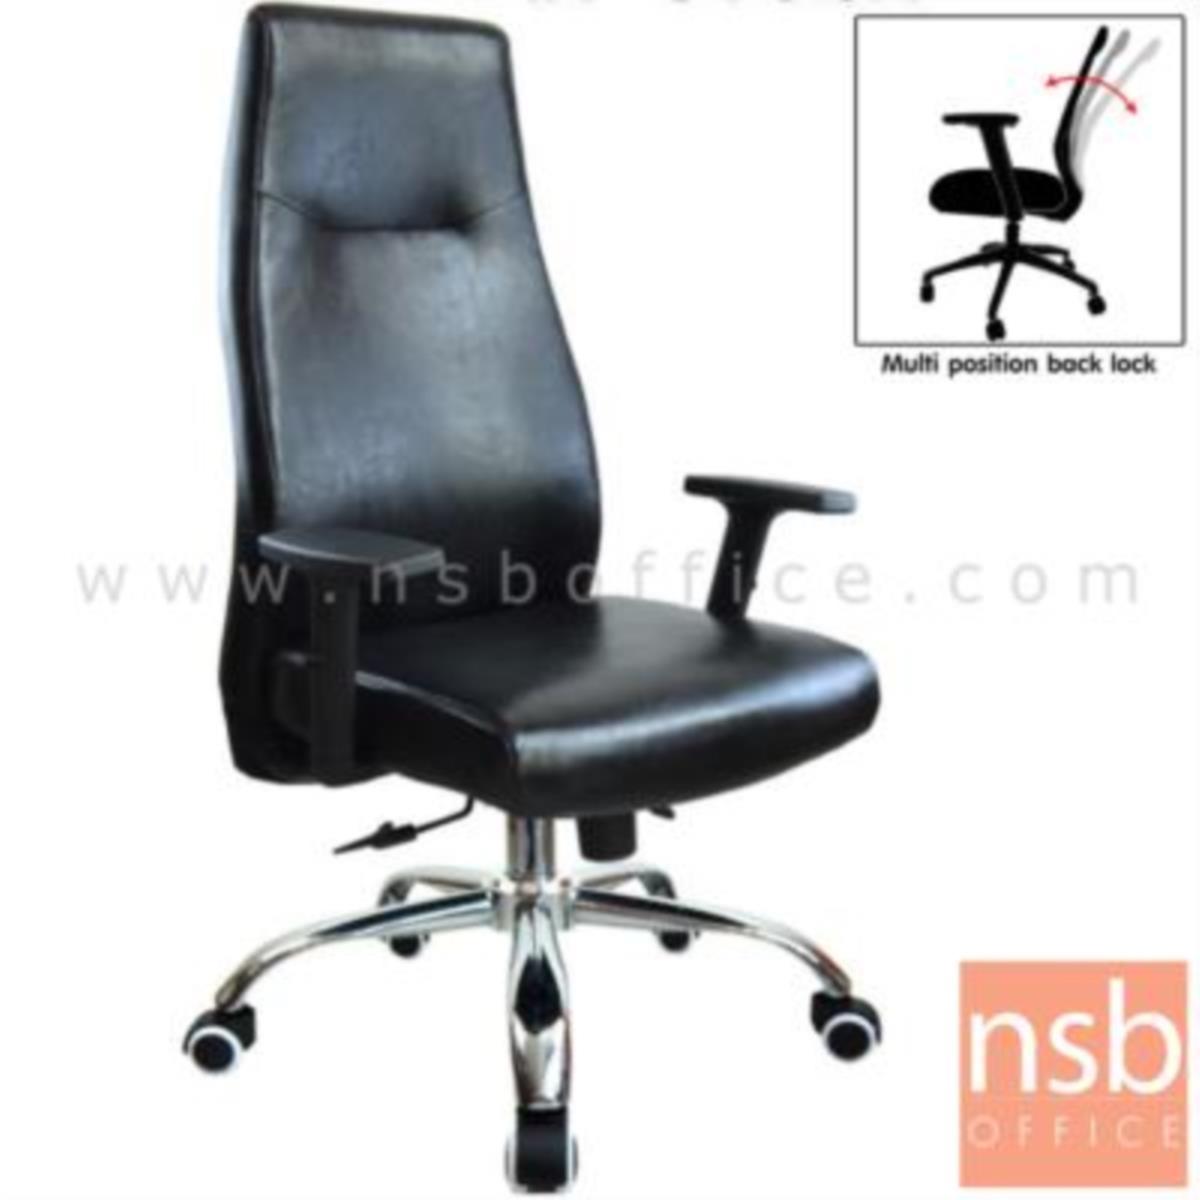 B01A473:เก้าอี้ผู้บริหาร รุ่น Ascot (แอสคอต)  โช๊คแก๊ส มีก้อนโยก ขาเหล็กชุบโครเมี่ยม